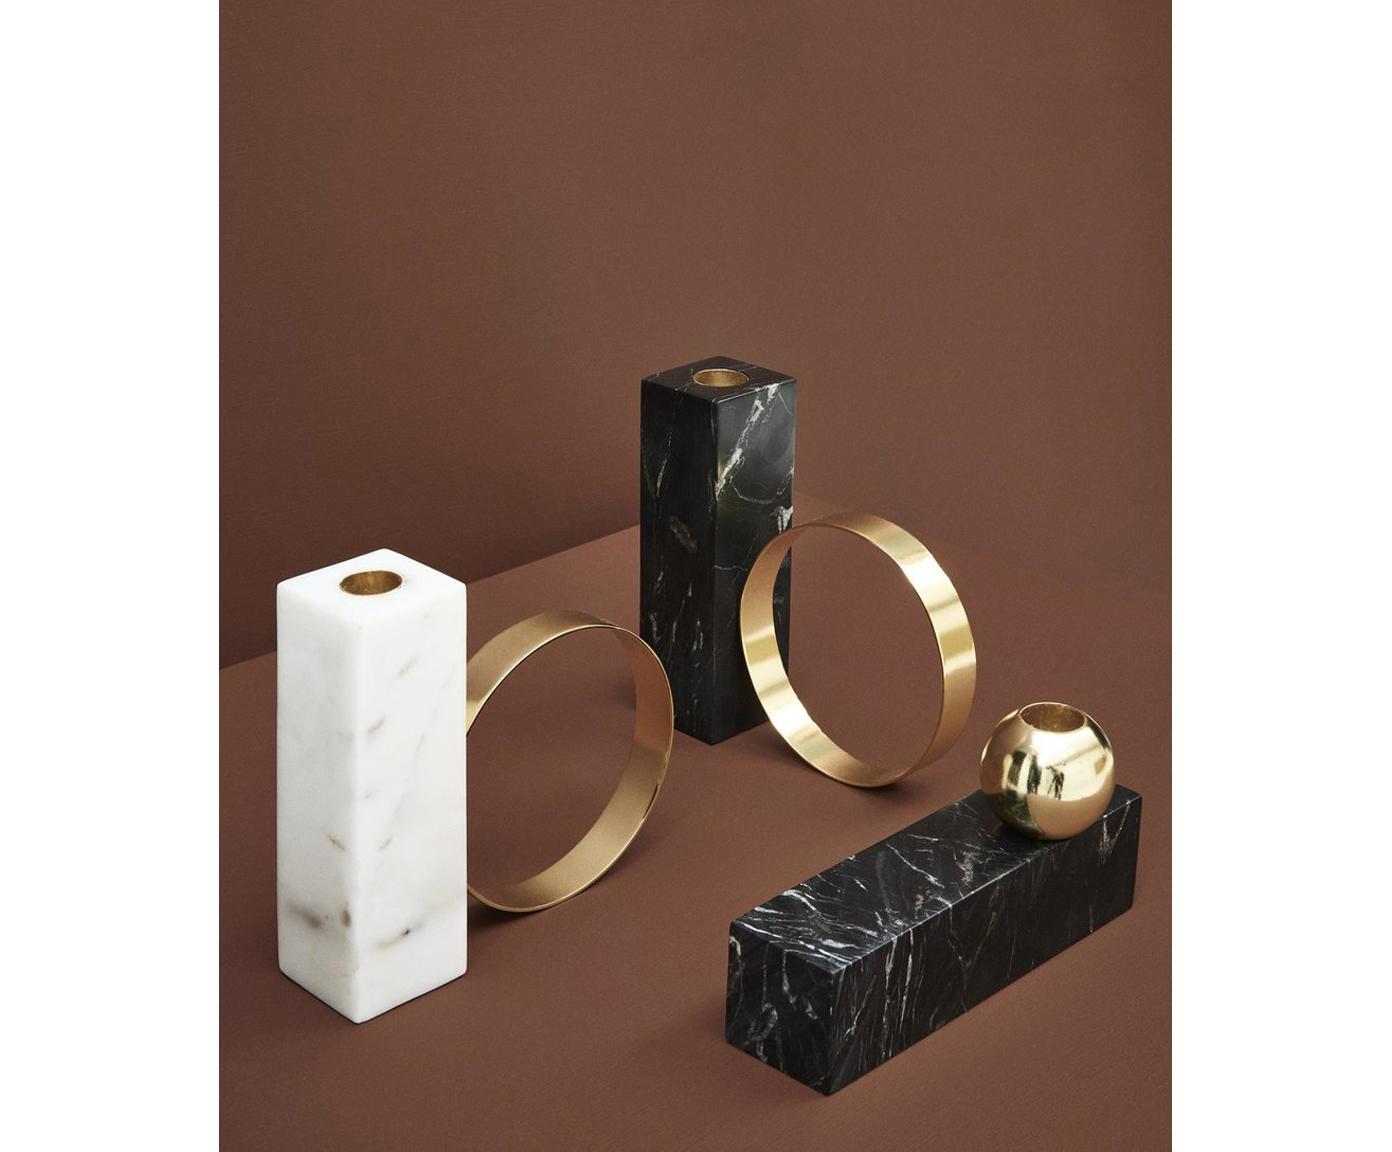 Marmeren kandelaar Tangent, Marmer, metaal, vermessingd, Gemarmerd zwart, messingkleurig, 16 x 15 cm